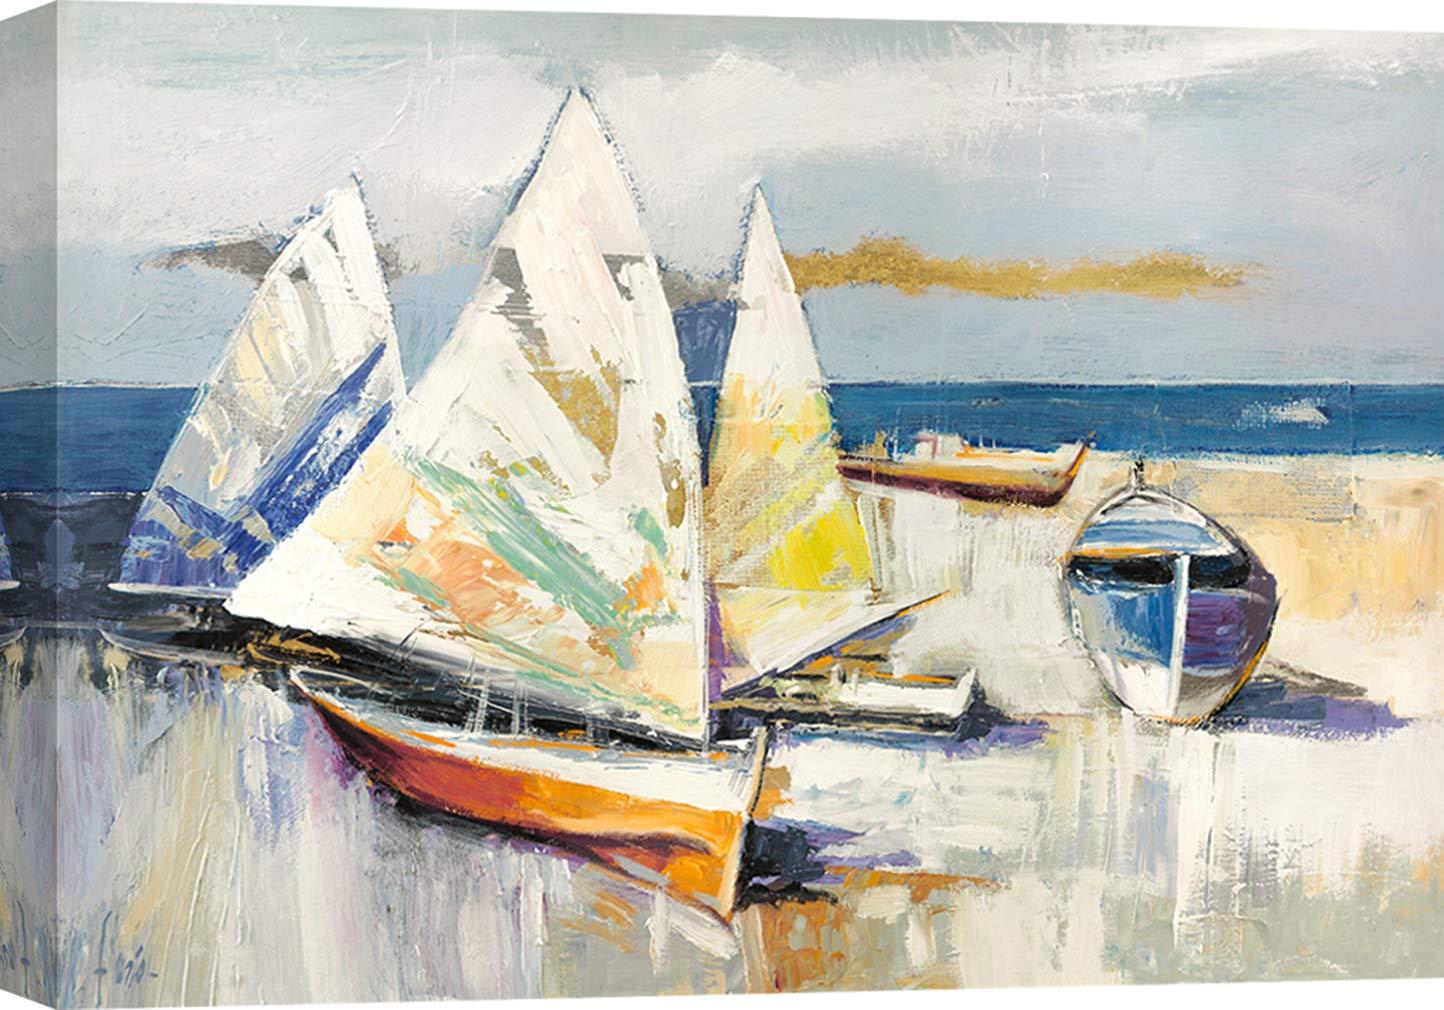 Art Print Cafe 60x40 cm Paesaggio Marino Luigi Florio Stampa su Tela Quadro Moderno Barche sulla Spiaggia